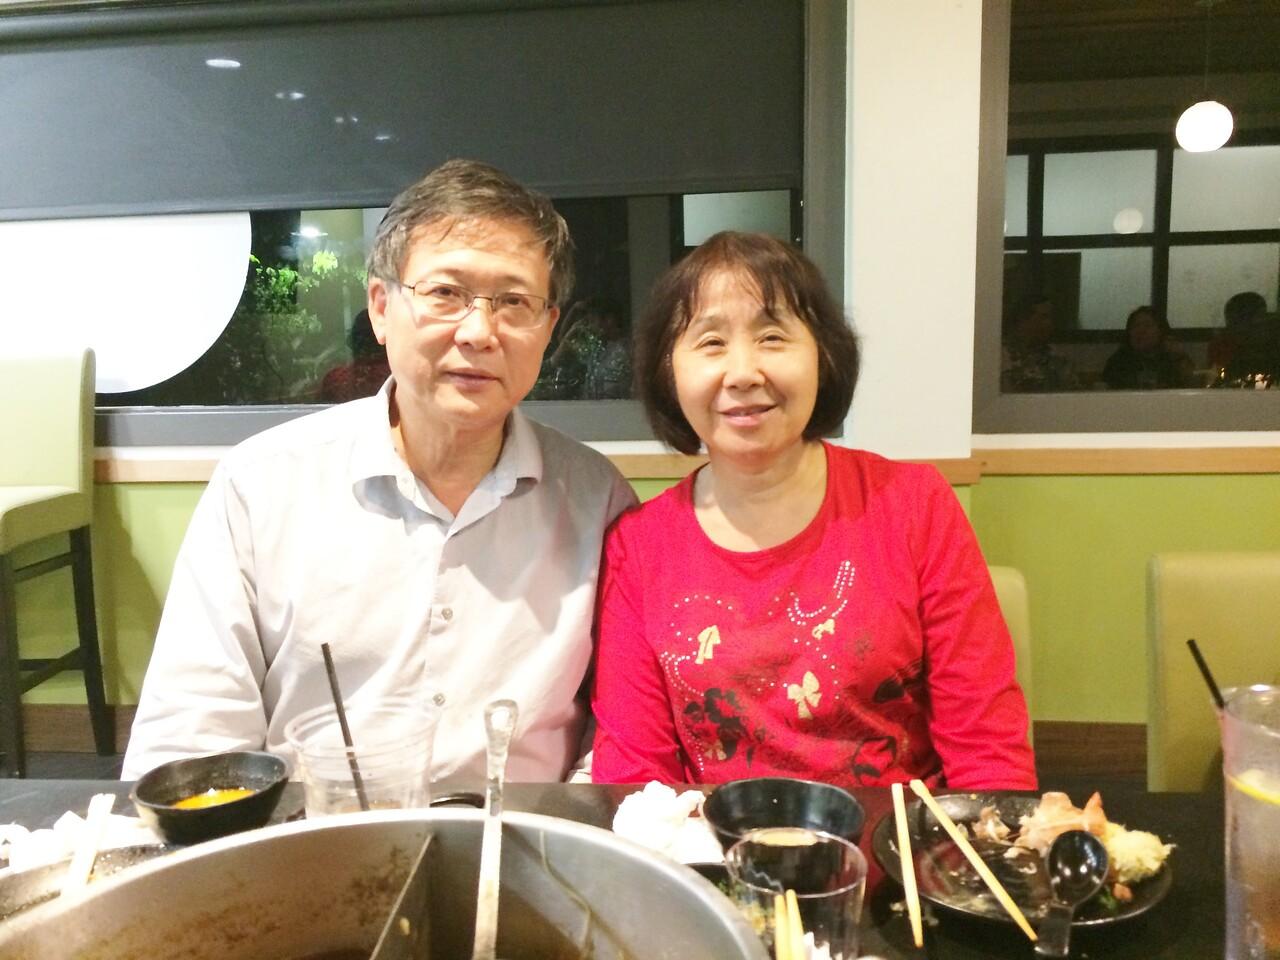 James & Debbie, married 25 years